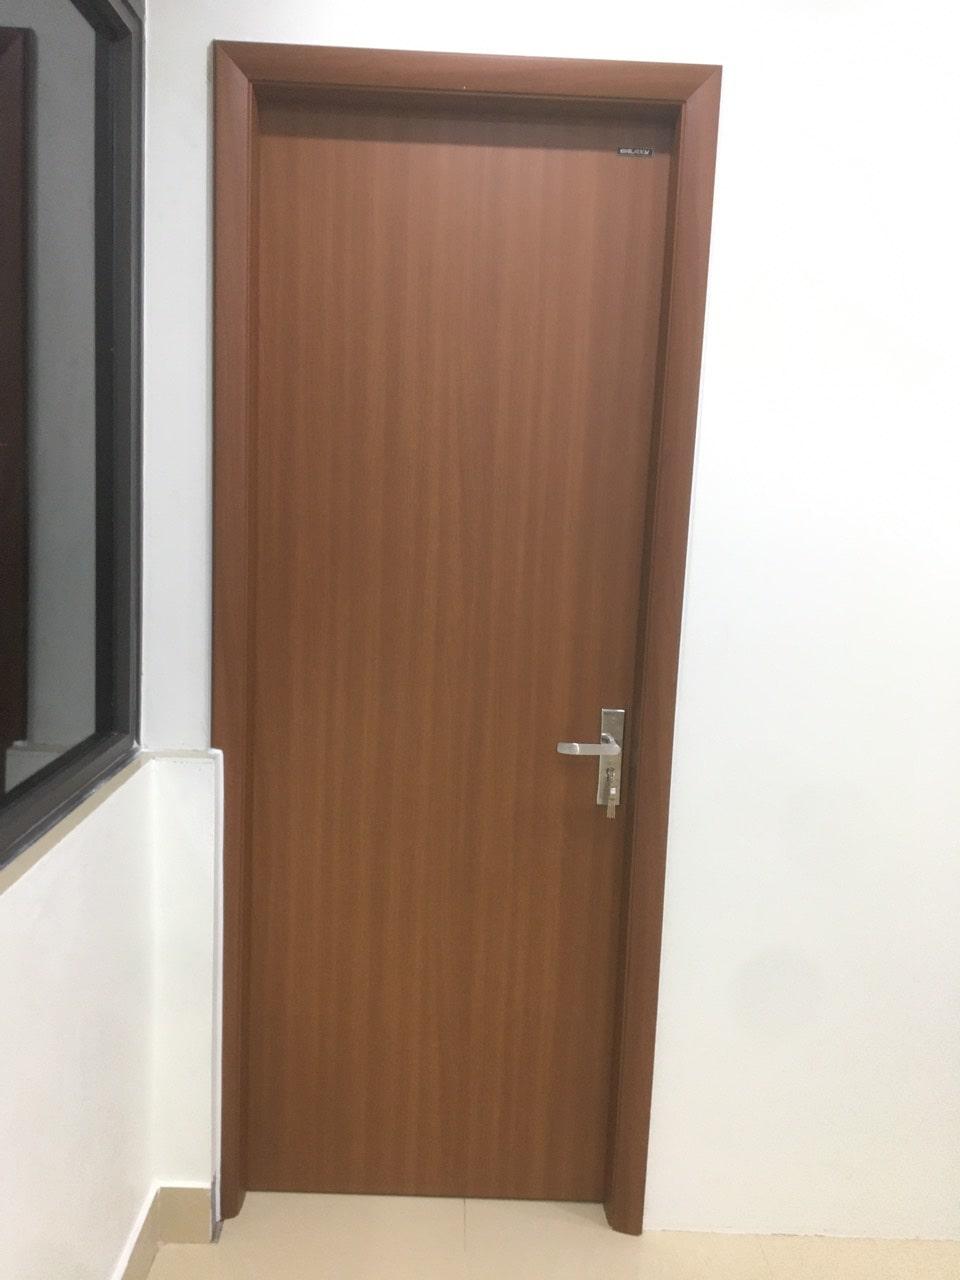 Cửa nhựa ABS Hisung - Galaxy